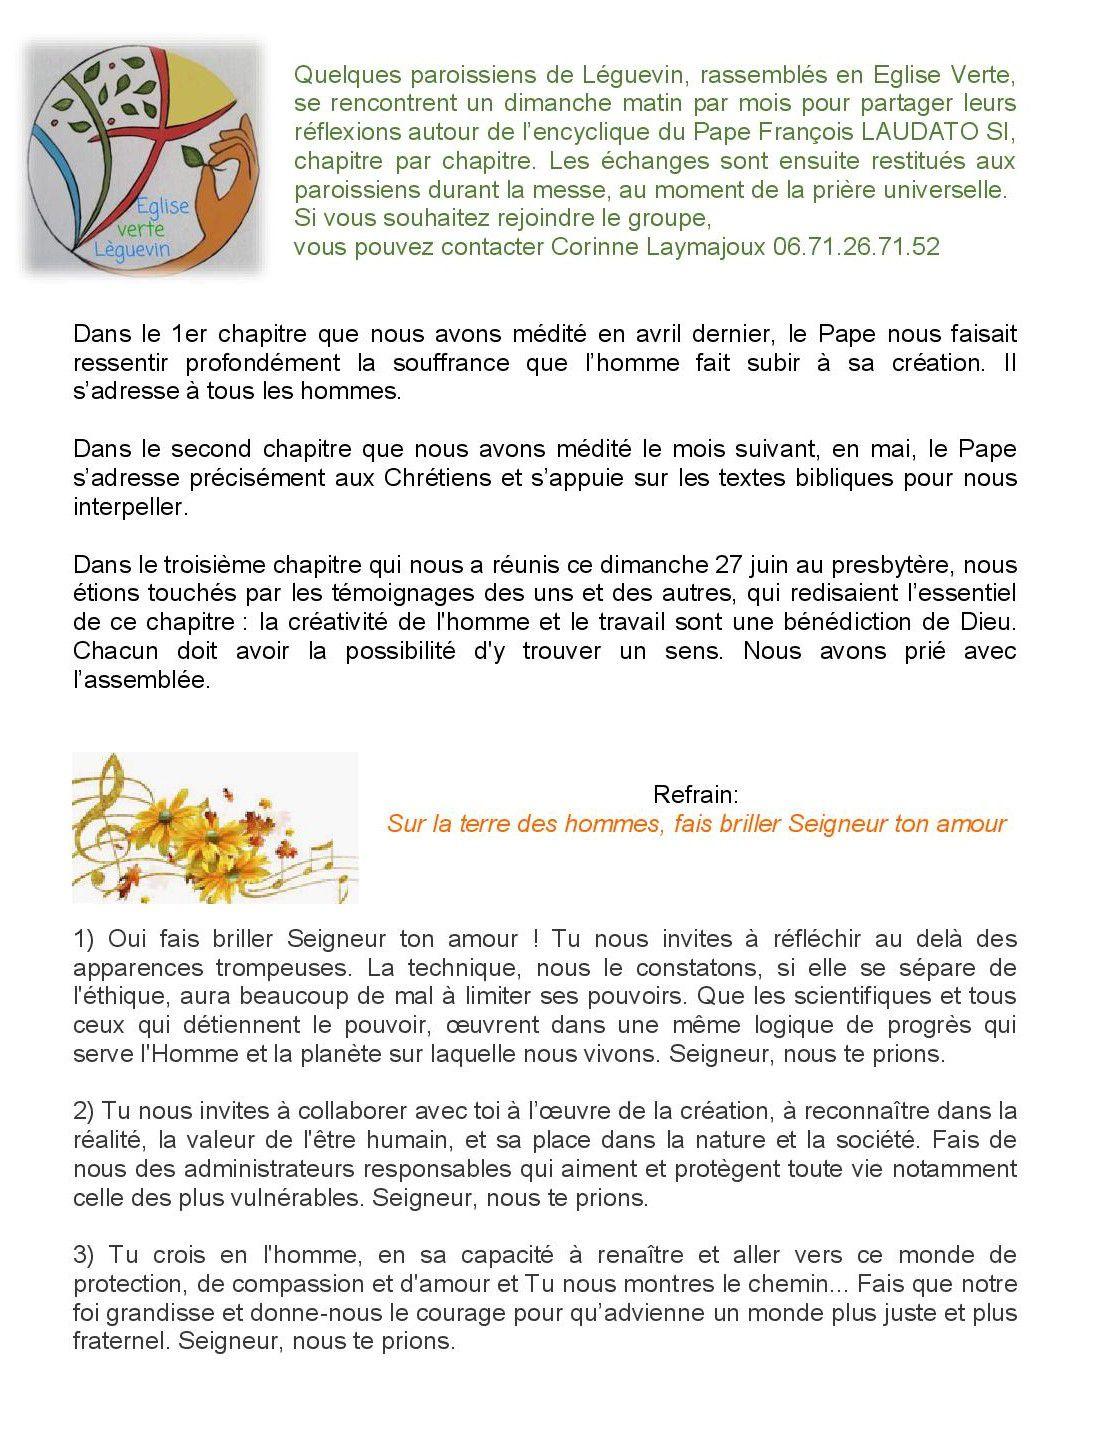 Prière Universelle de l' EV de Leguevin du dimanche 27/06